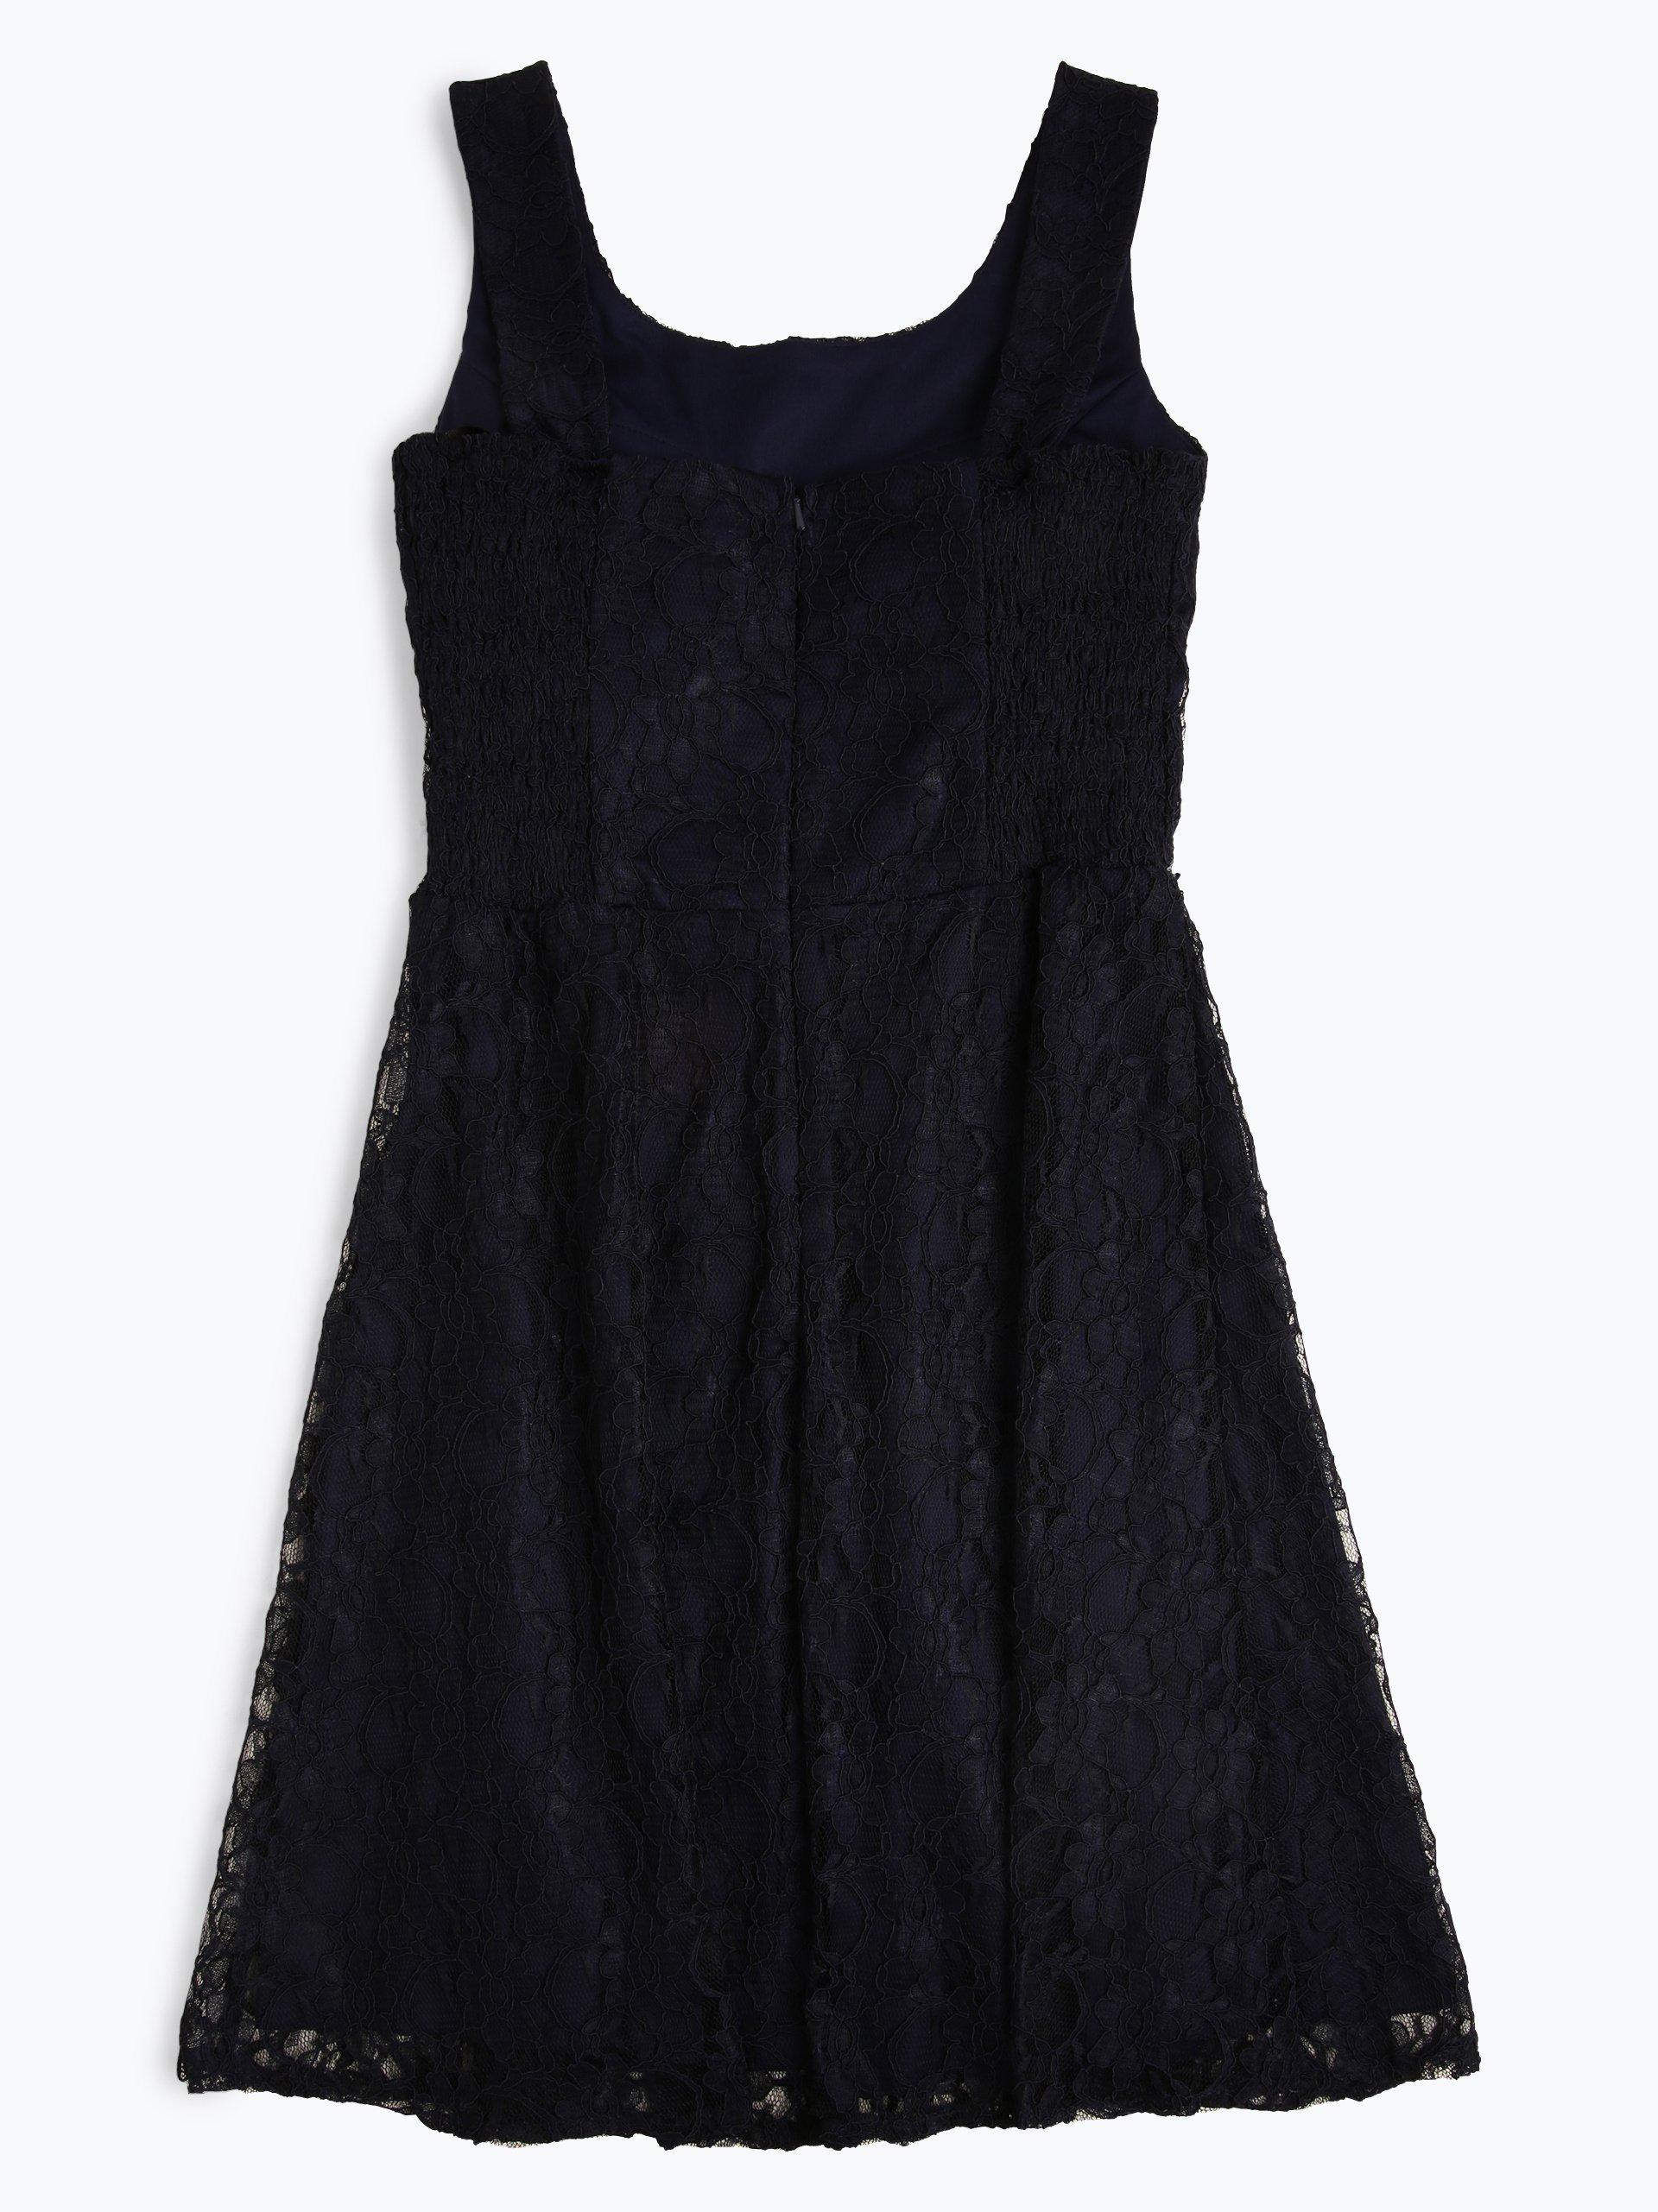 New G.O.L. Mädchen Kleid mit Stola